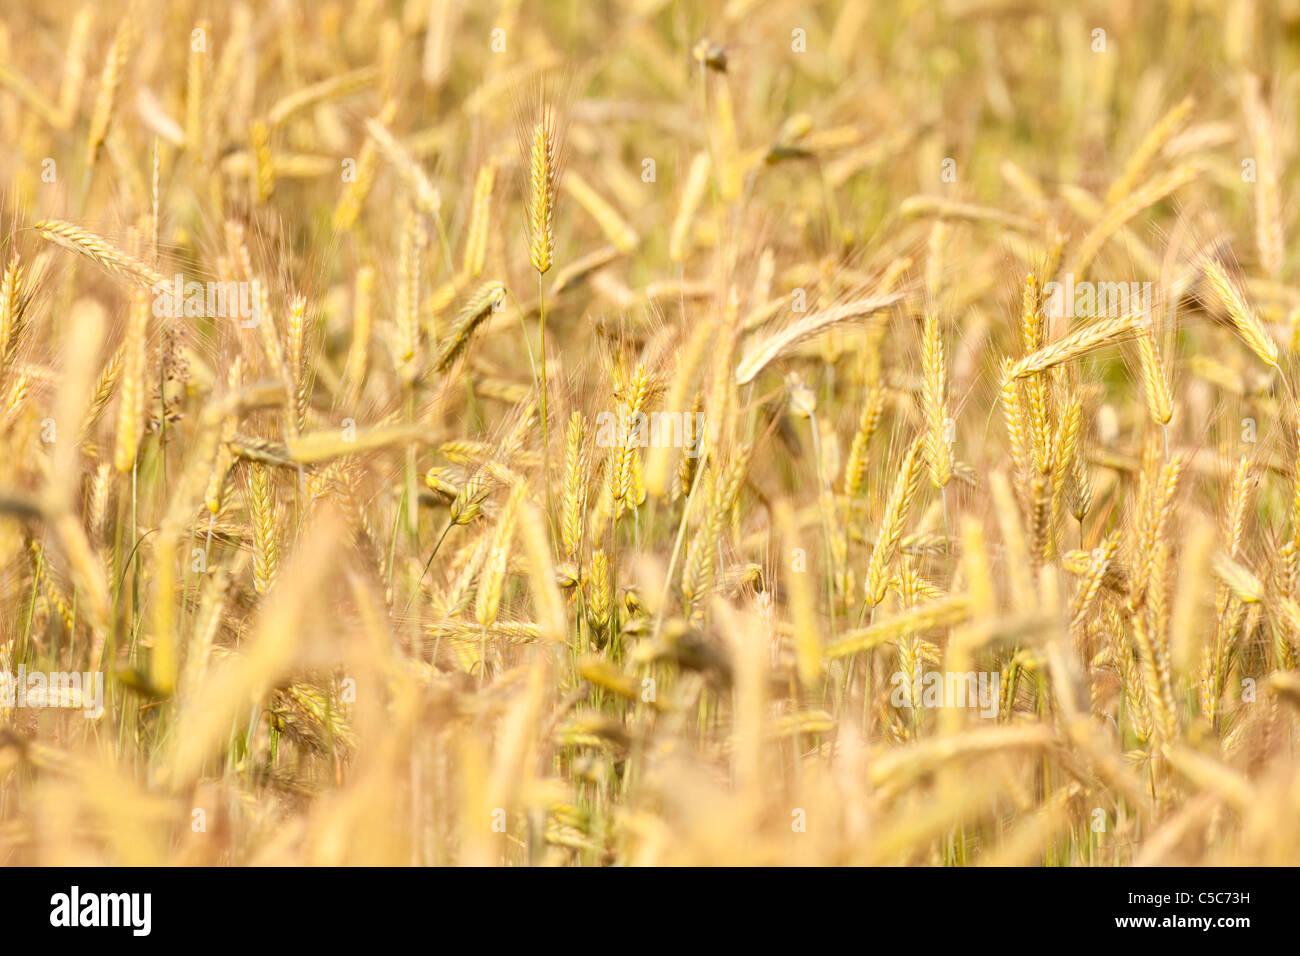 Cerca de cebada en un campo listo para la cosecha Imagen De Stock